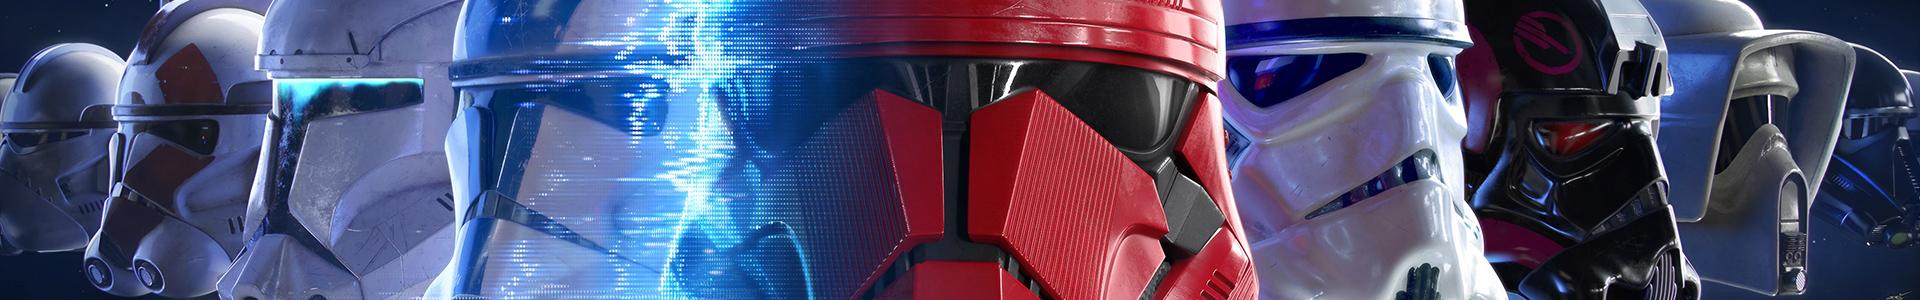 star-wars-battlefront-ii-banner